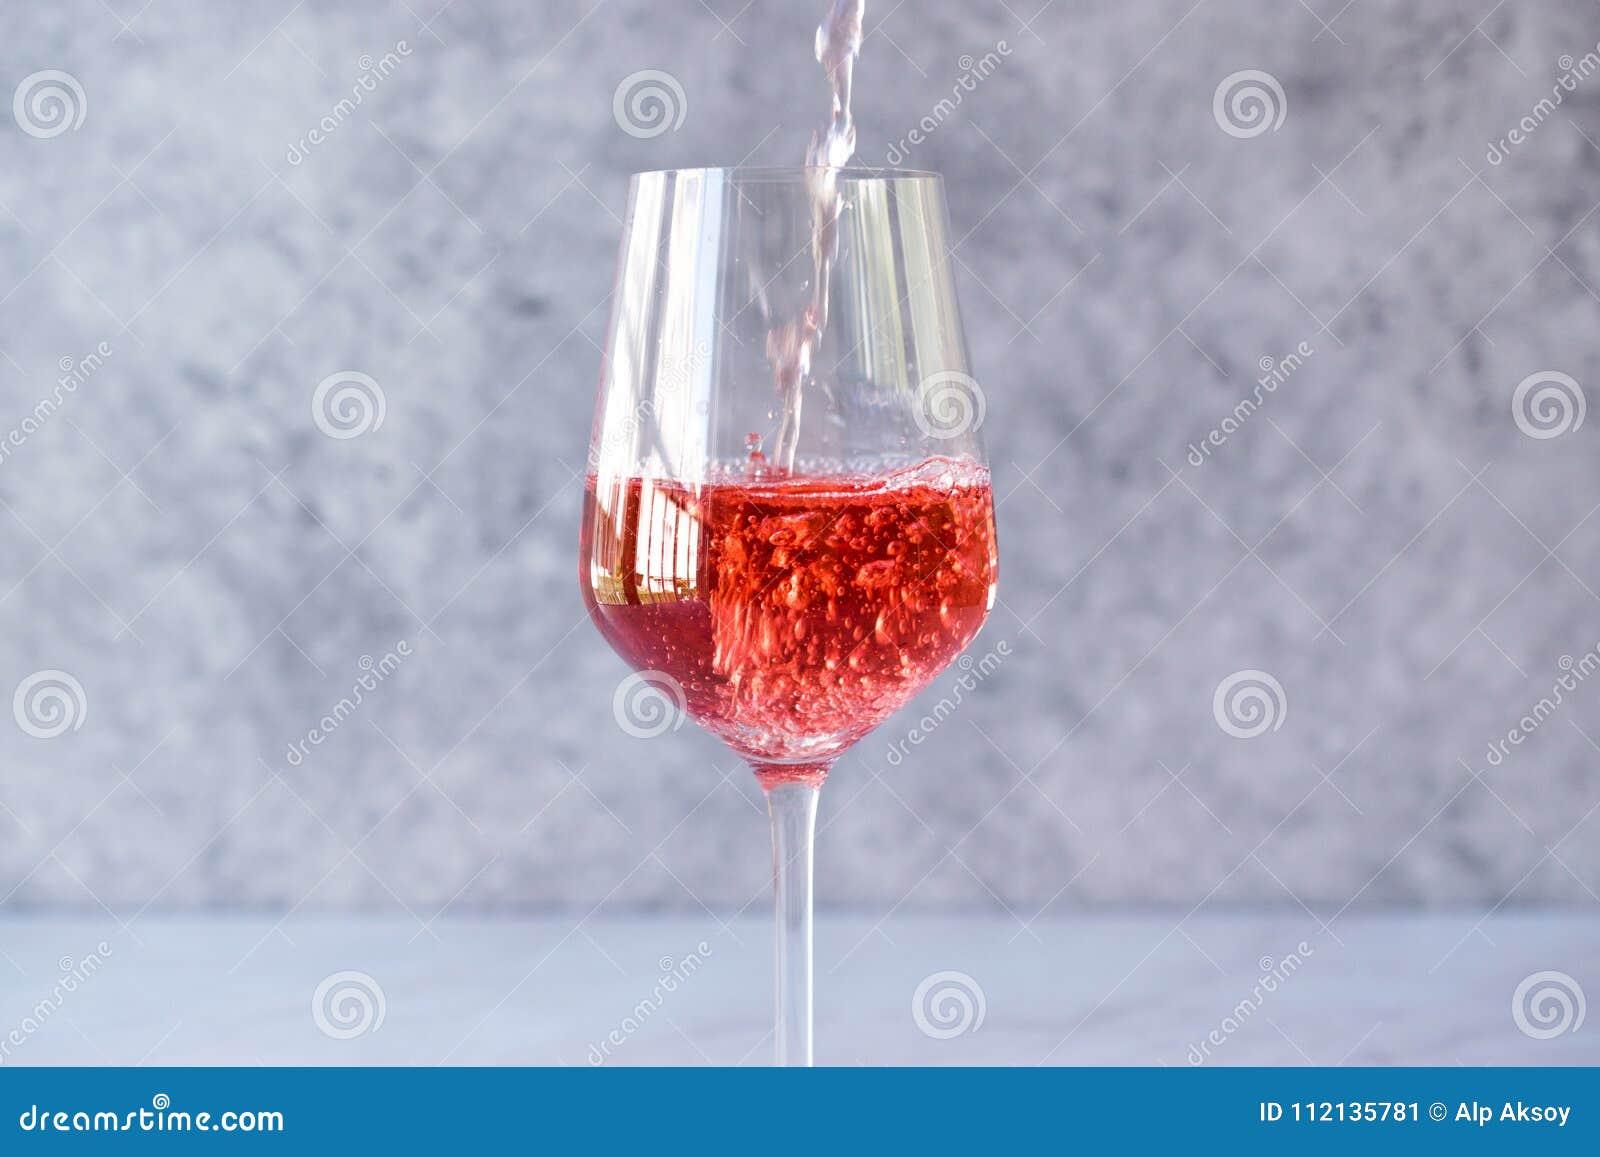 Gietende Roze Rose Blush Wine aan Glas